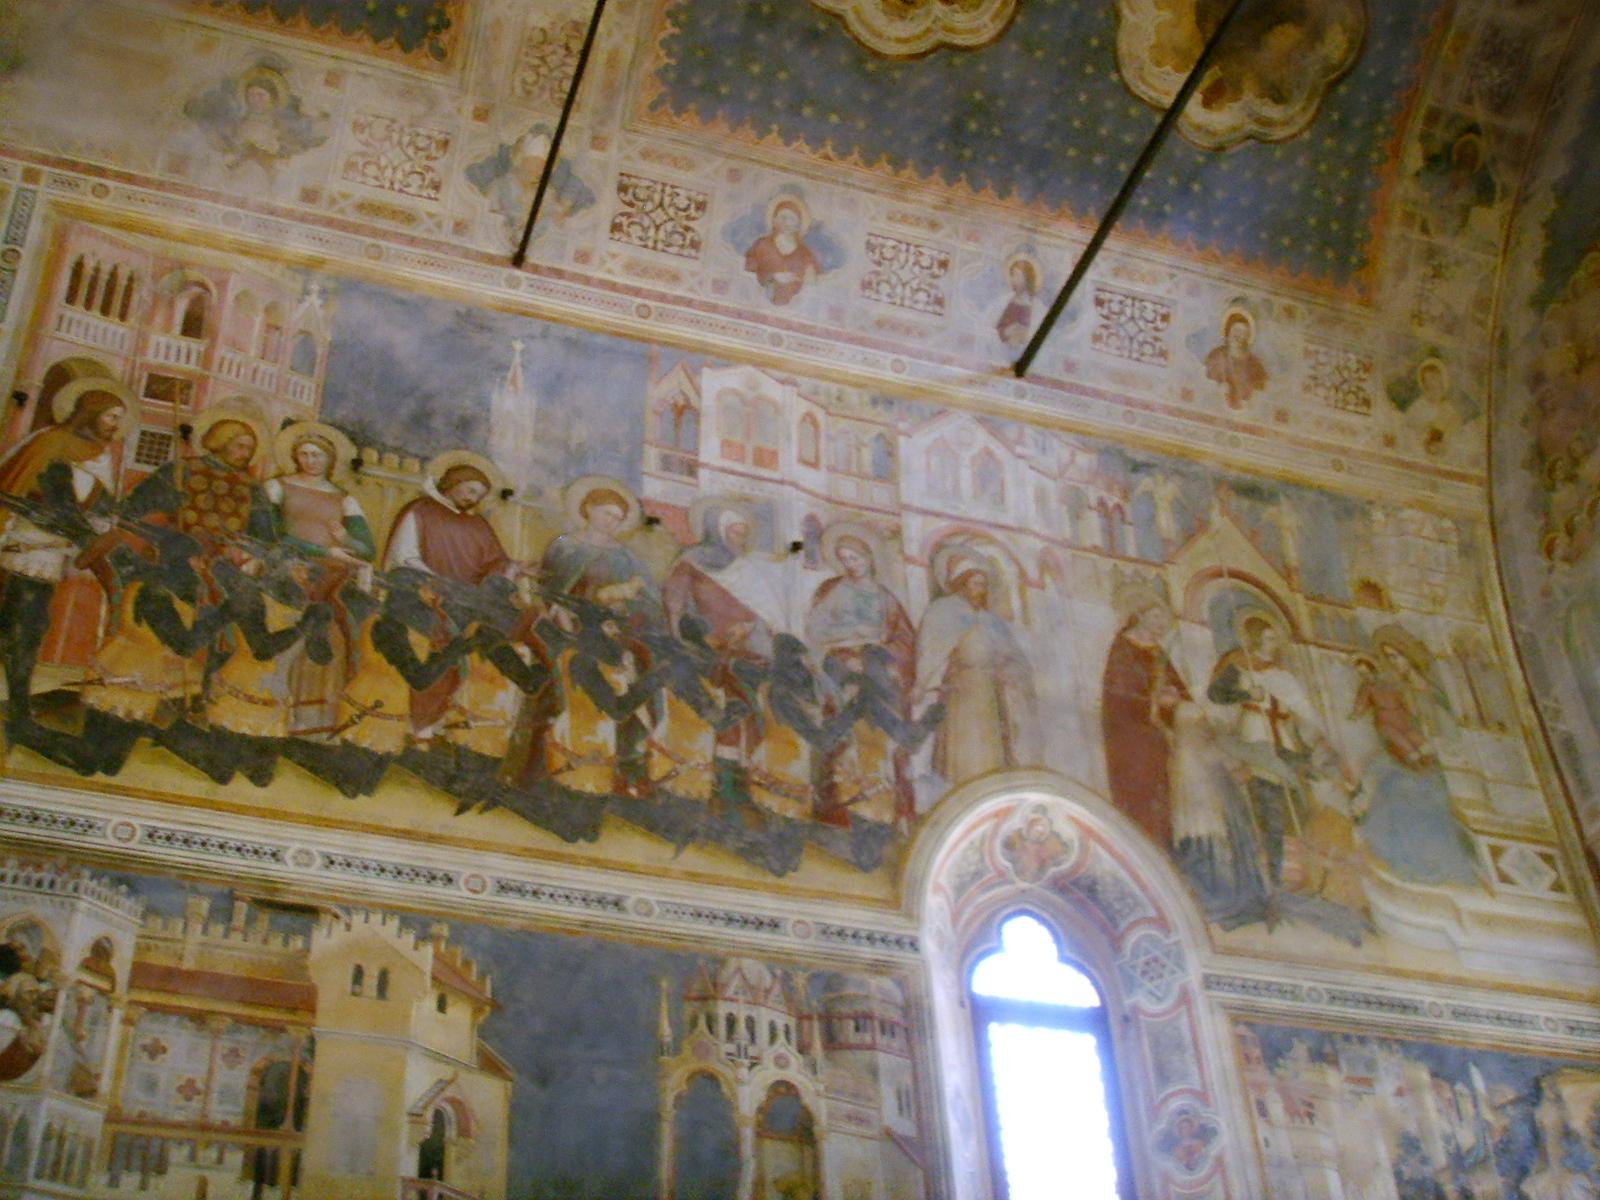 1377-79 Altichiero,_oratorio_di_san_giorgio,_parete_sinistra Raimondo Lupi, preceduto dai nipoti, dai fratelli e dai genitori, Padova